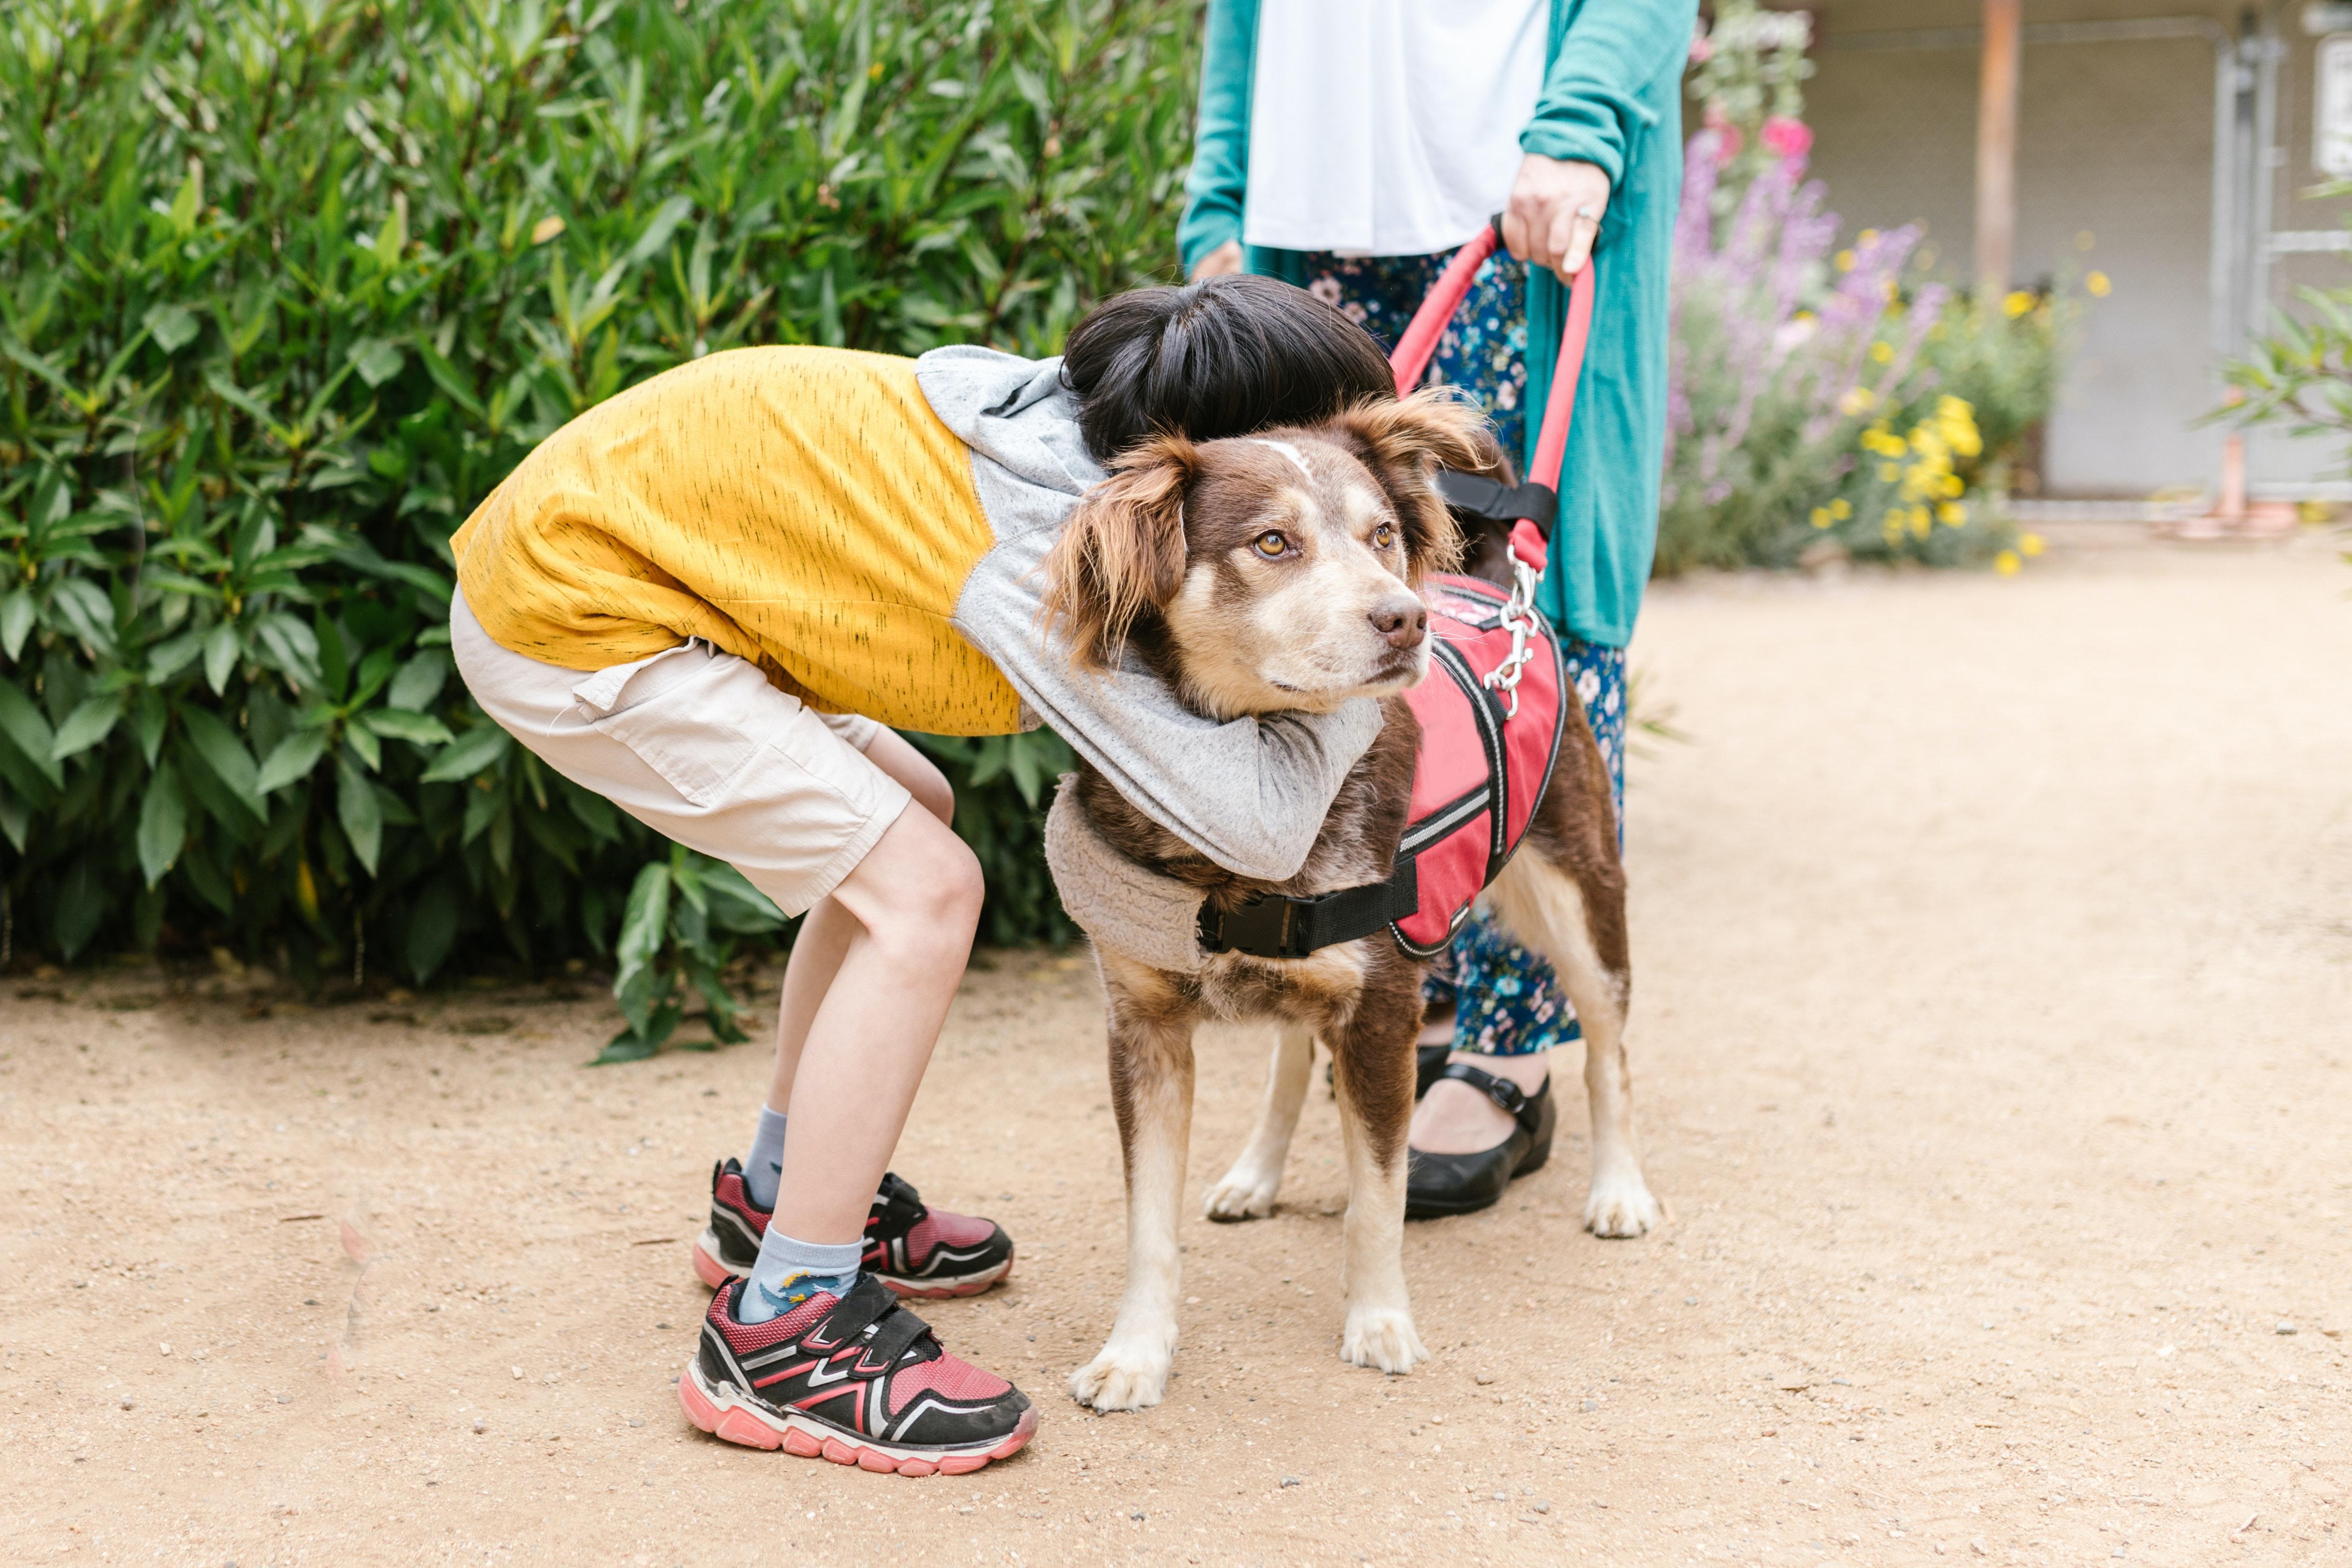 pies przytulany przez dziecko